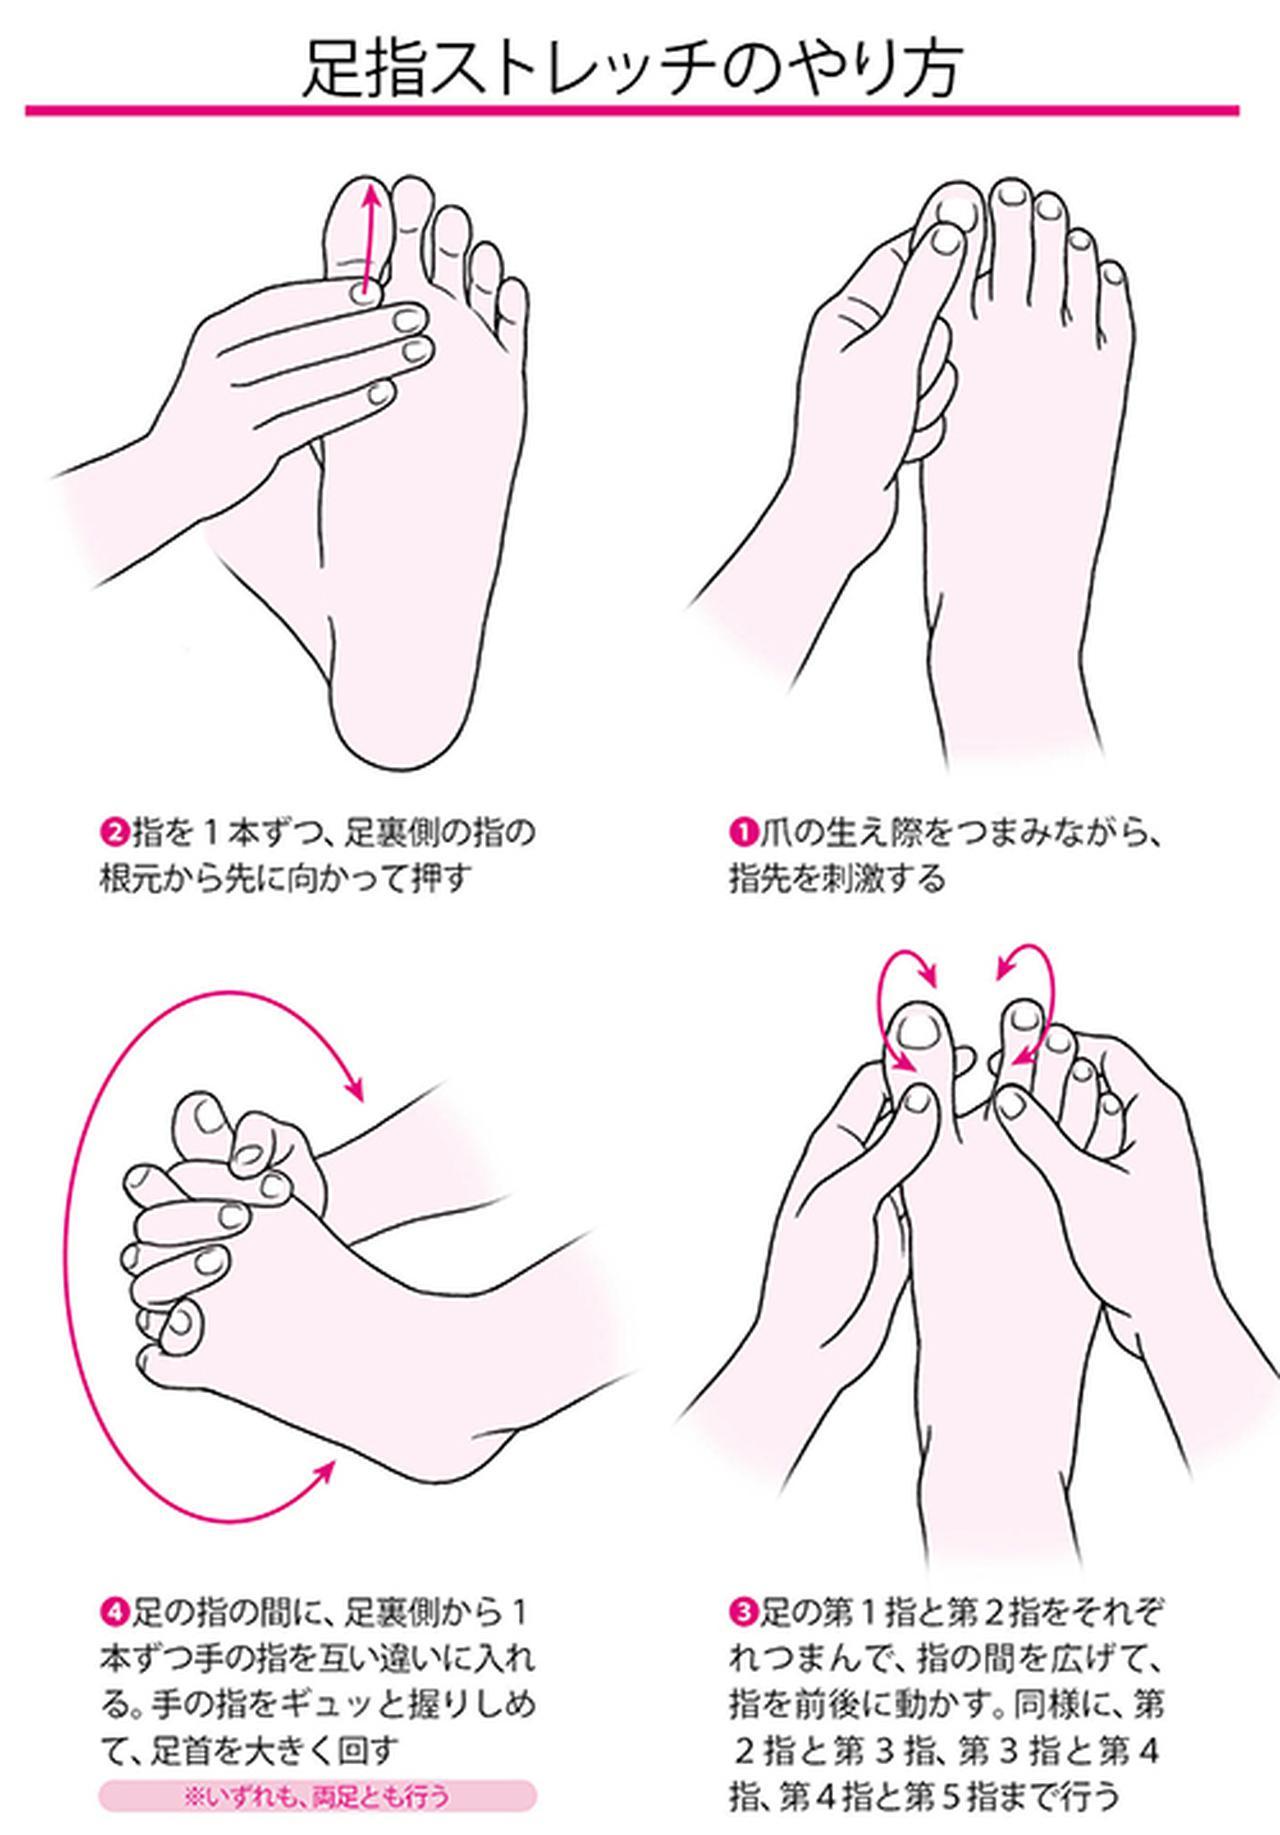 画像1: ハンマートゥの予防と対策